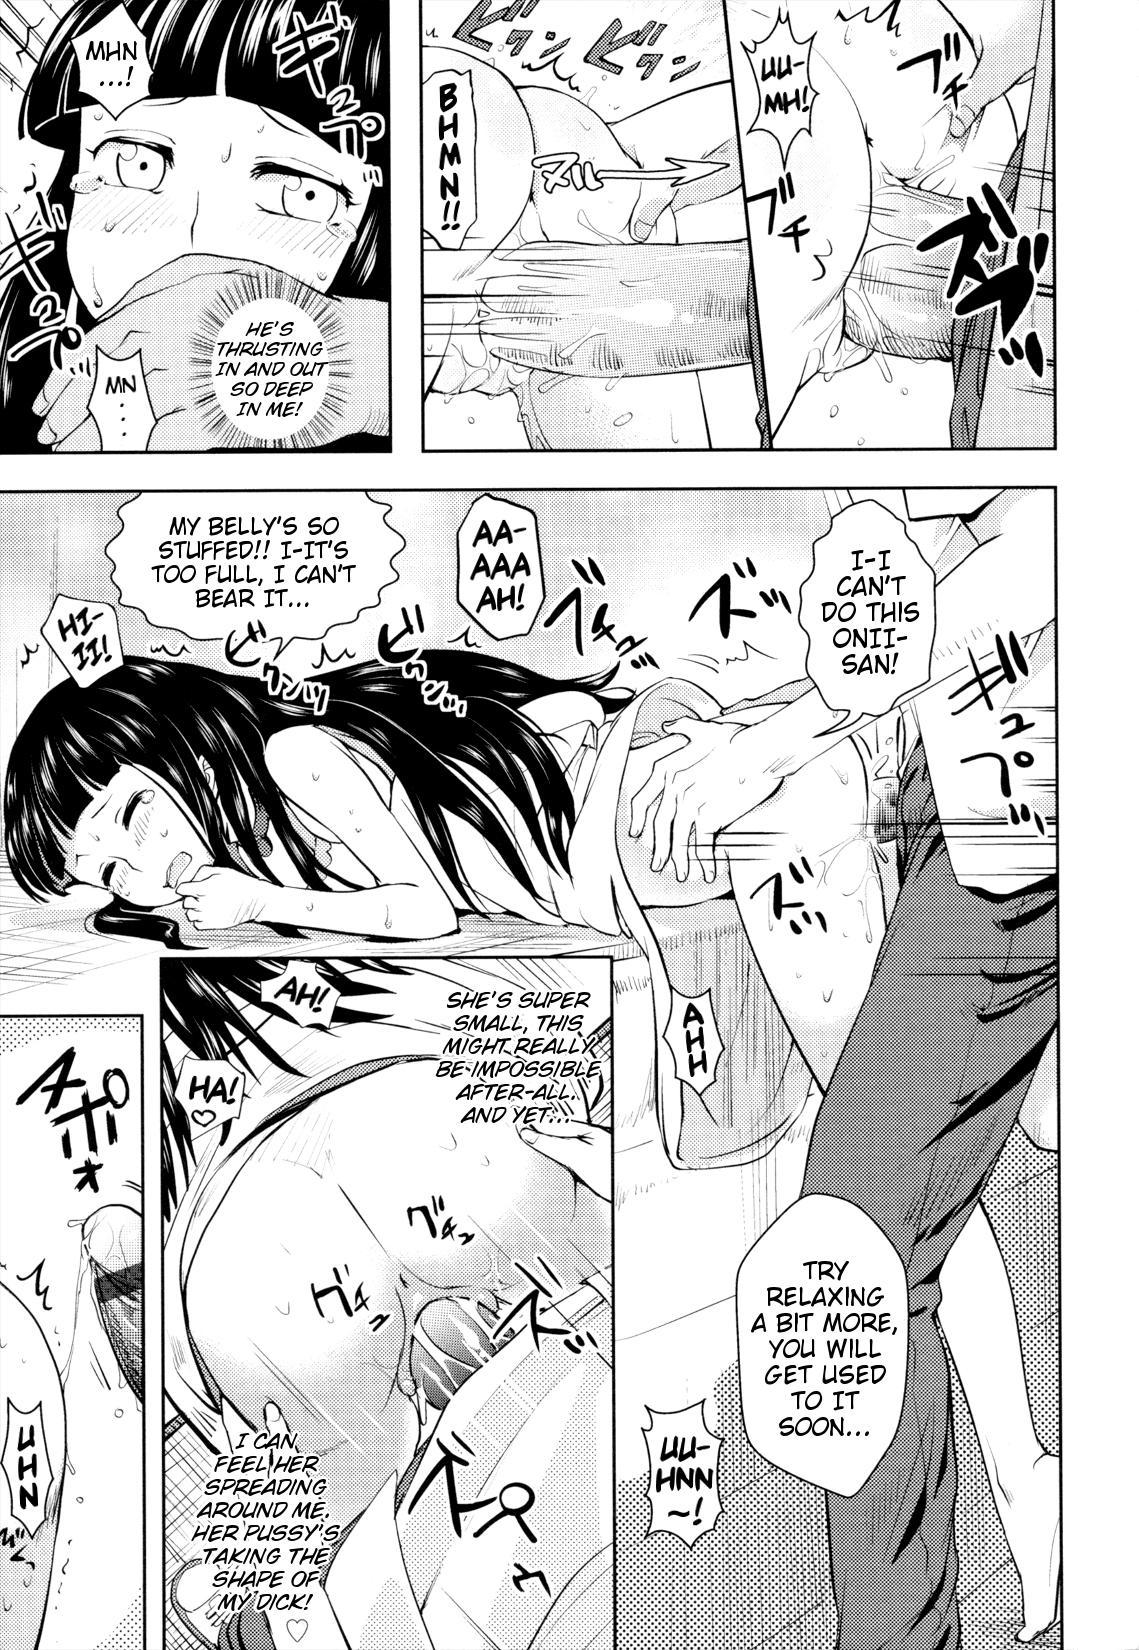 [Yam] Onii-chan no Suki ni Shite!? Ch. 1-6 [English] {Mistvern} 106